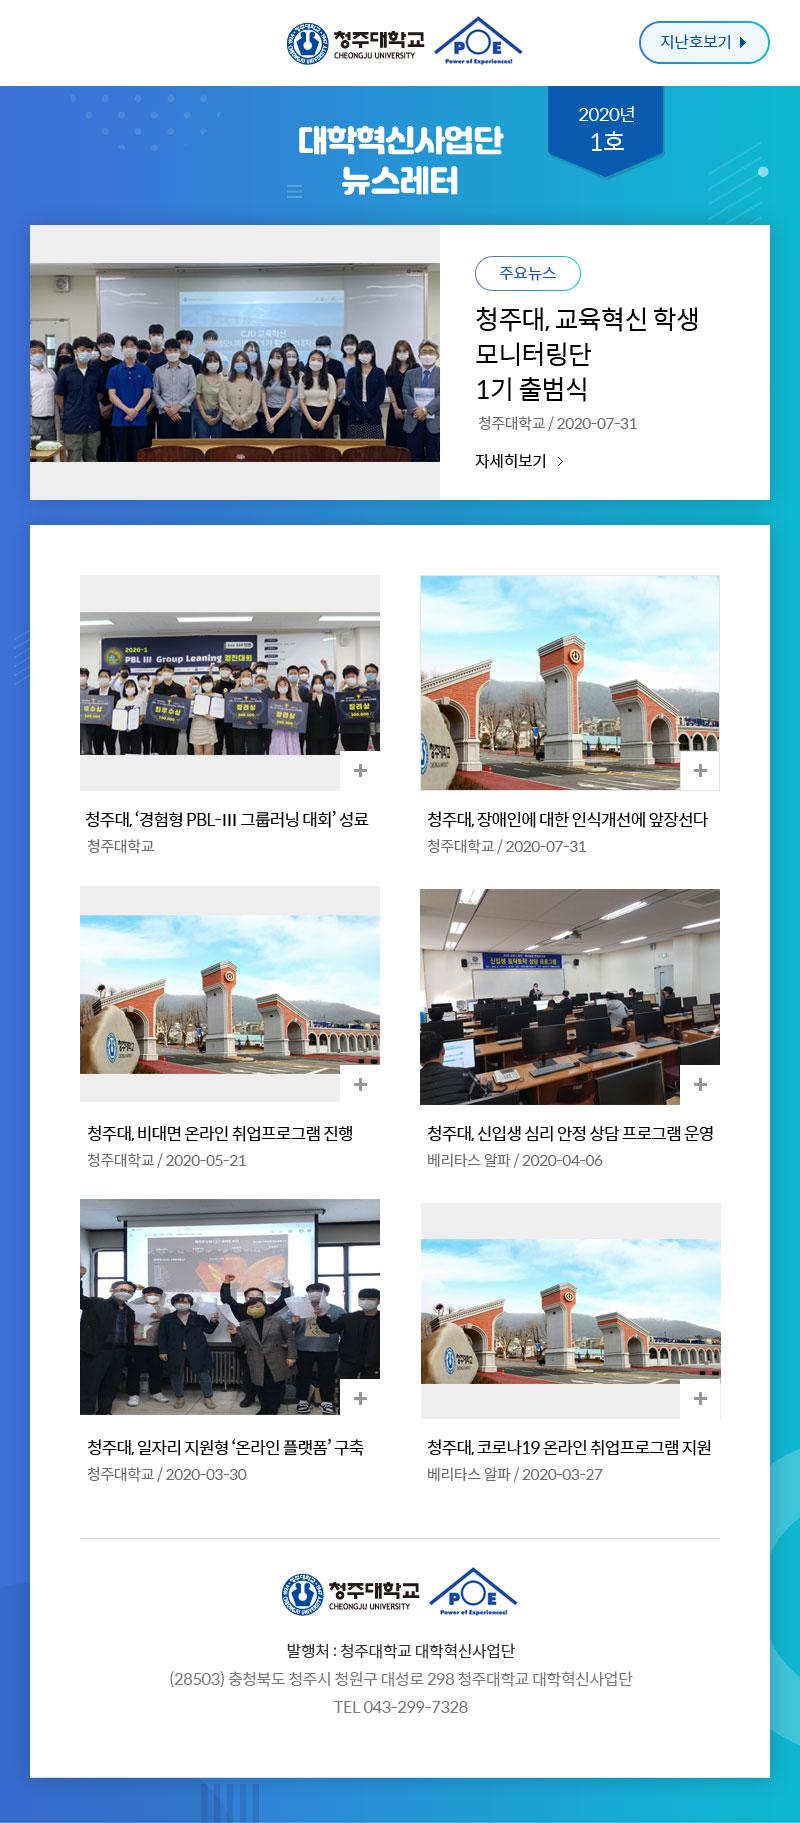 대학혁신사업단 뉴스레터 2020년 5호 뉴스레터